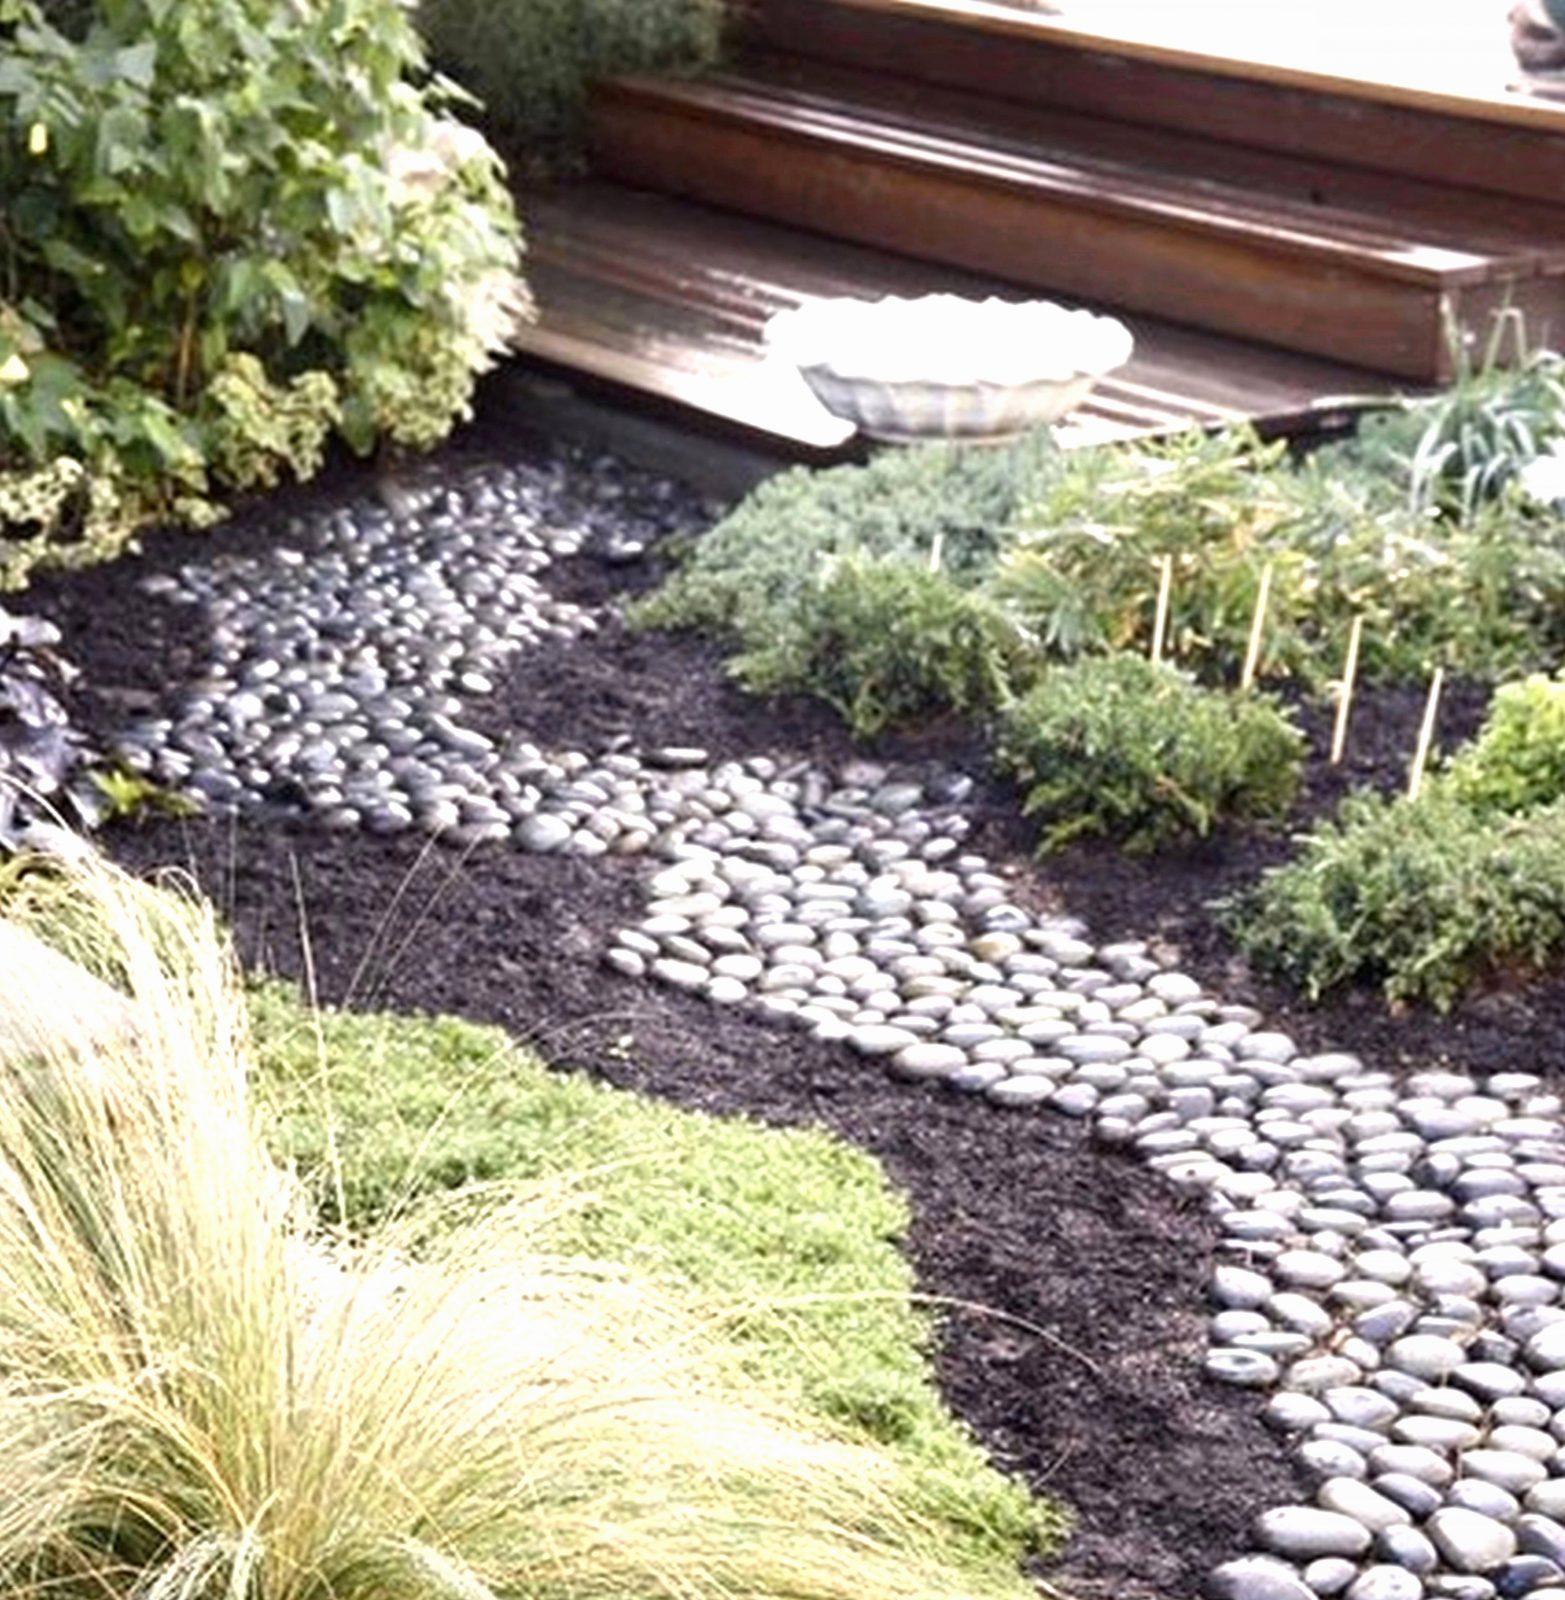 Gartengestaltung Mit Kies Und Gräsern Von Beetgestaltung Mit Steinen von Gartengestaltung Mit Kies Und Gräsern Bild